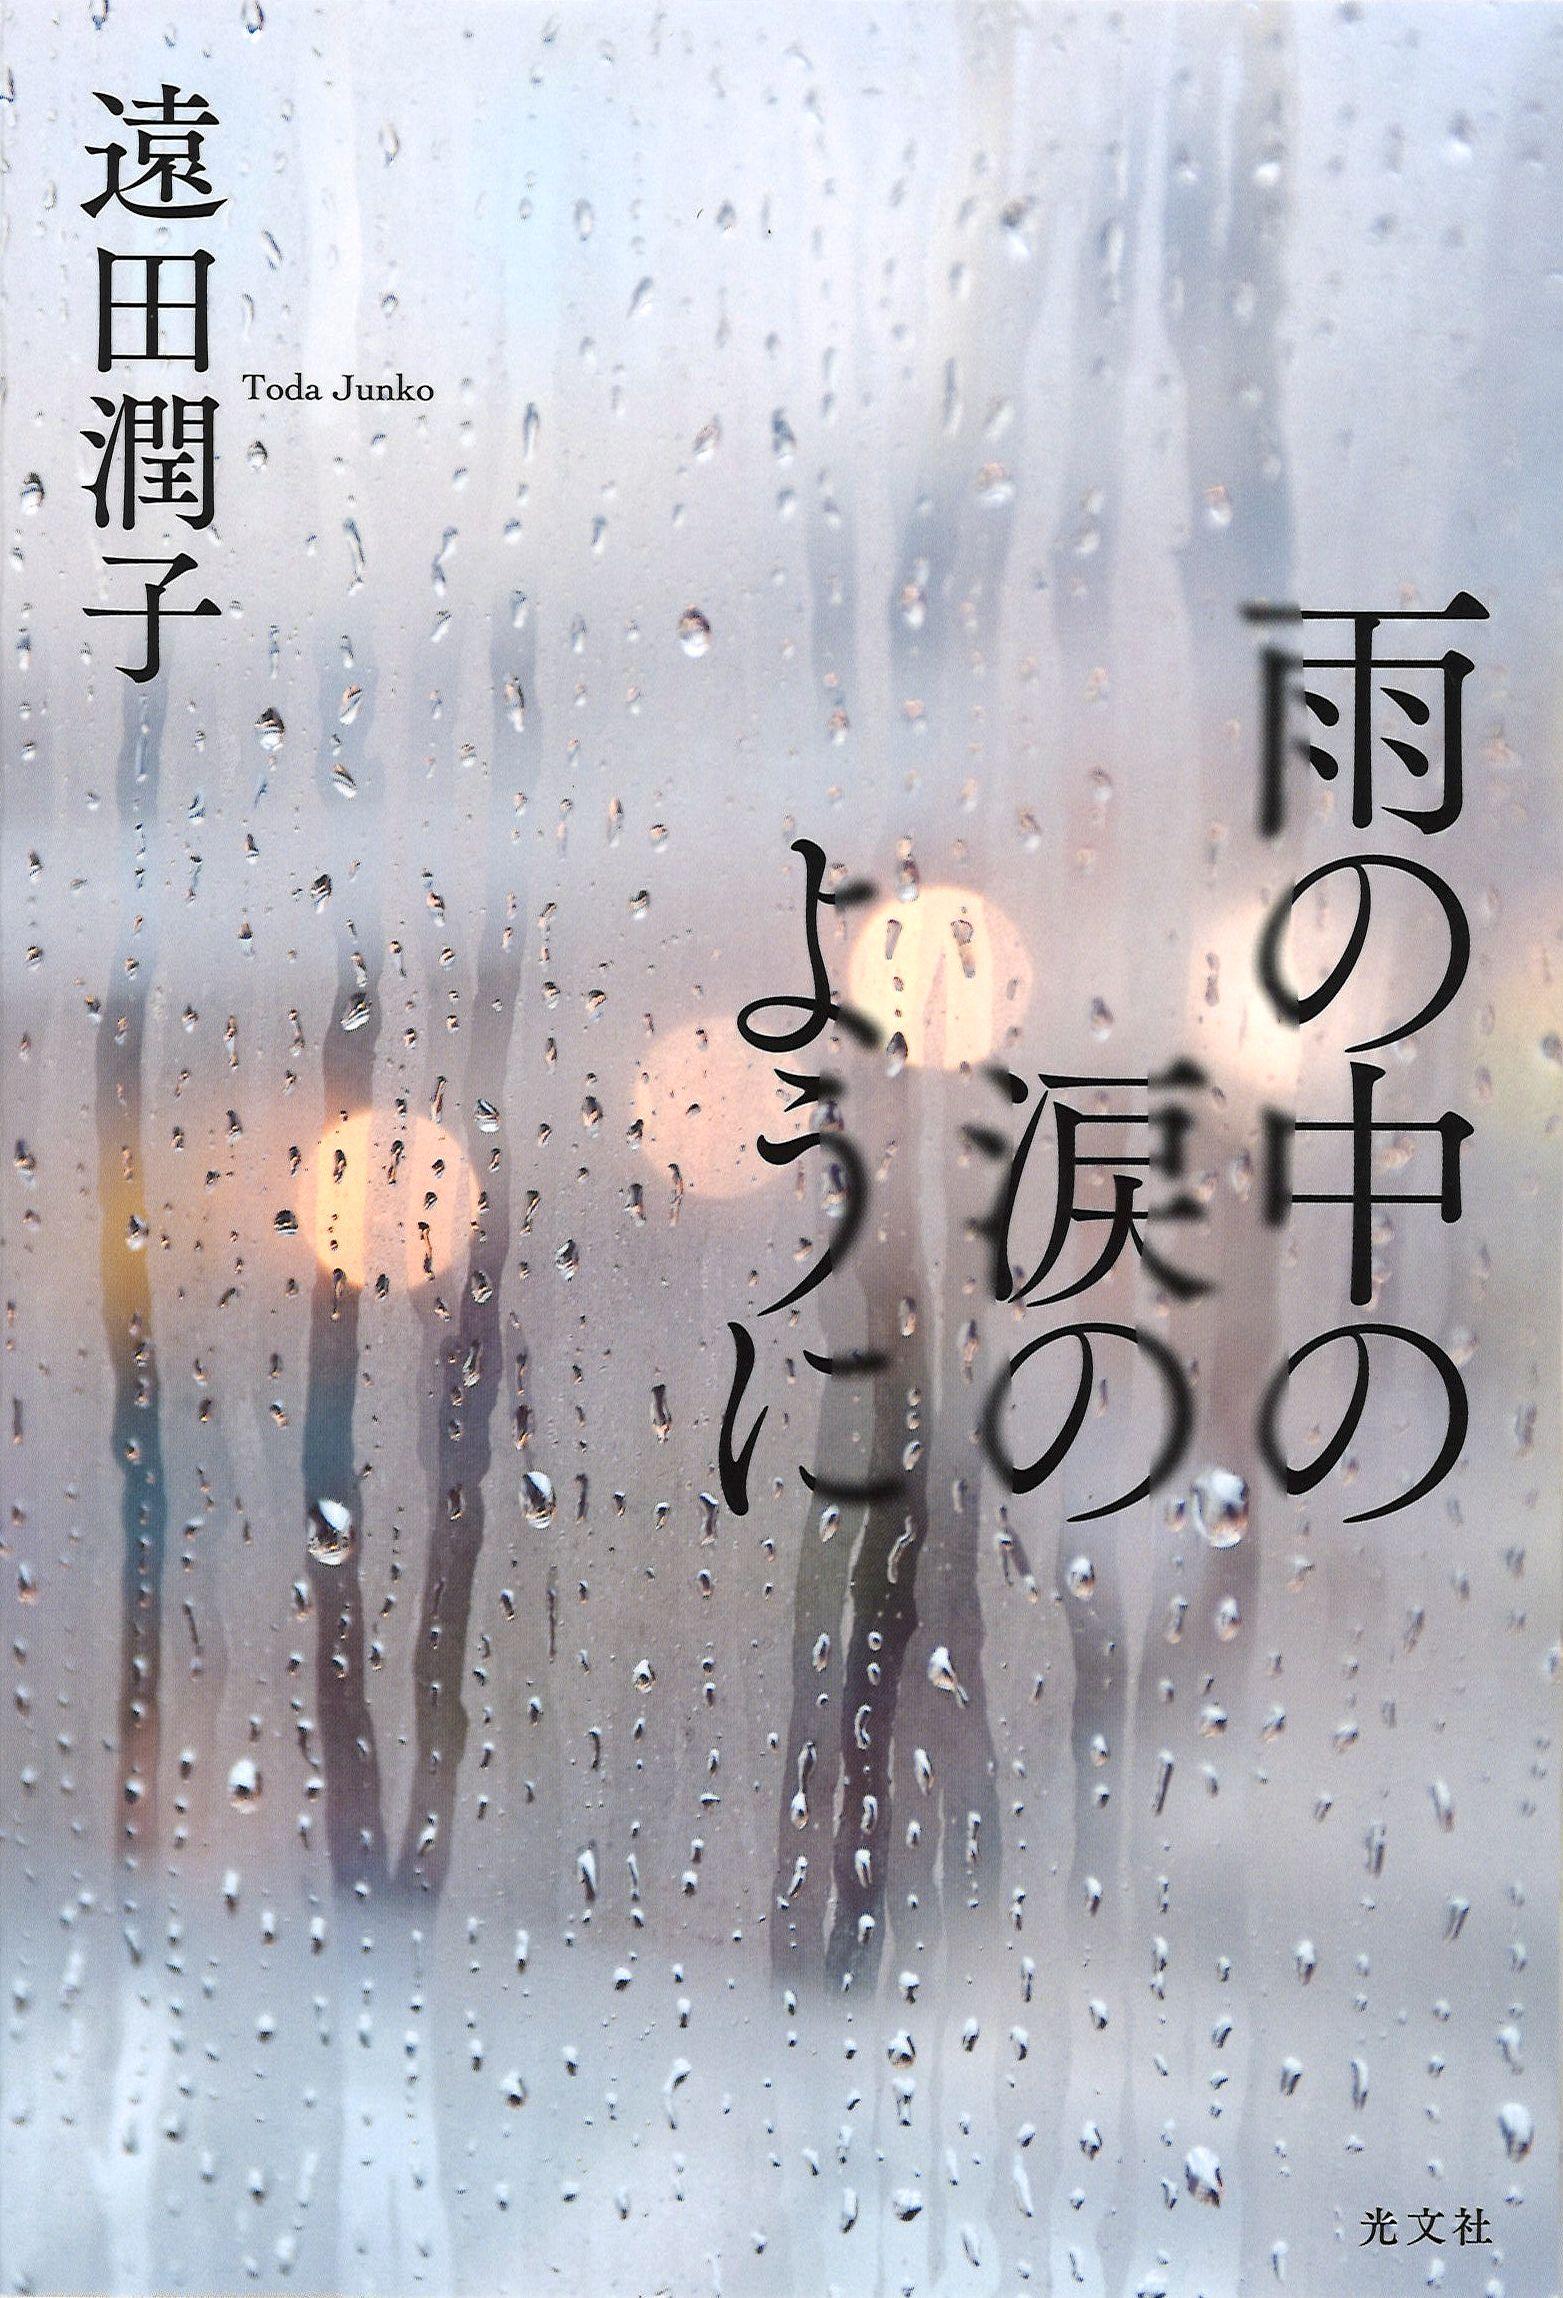 雨の中の涙のように